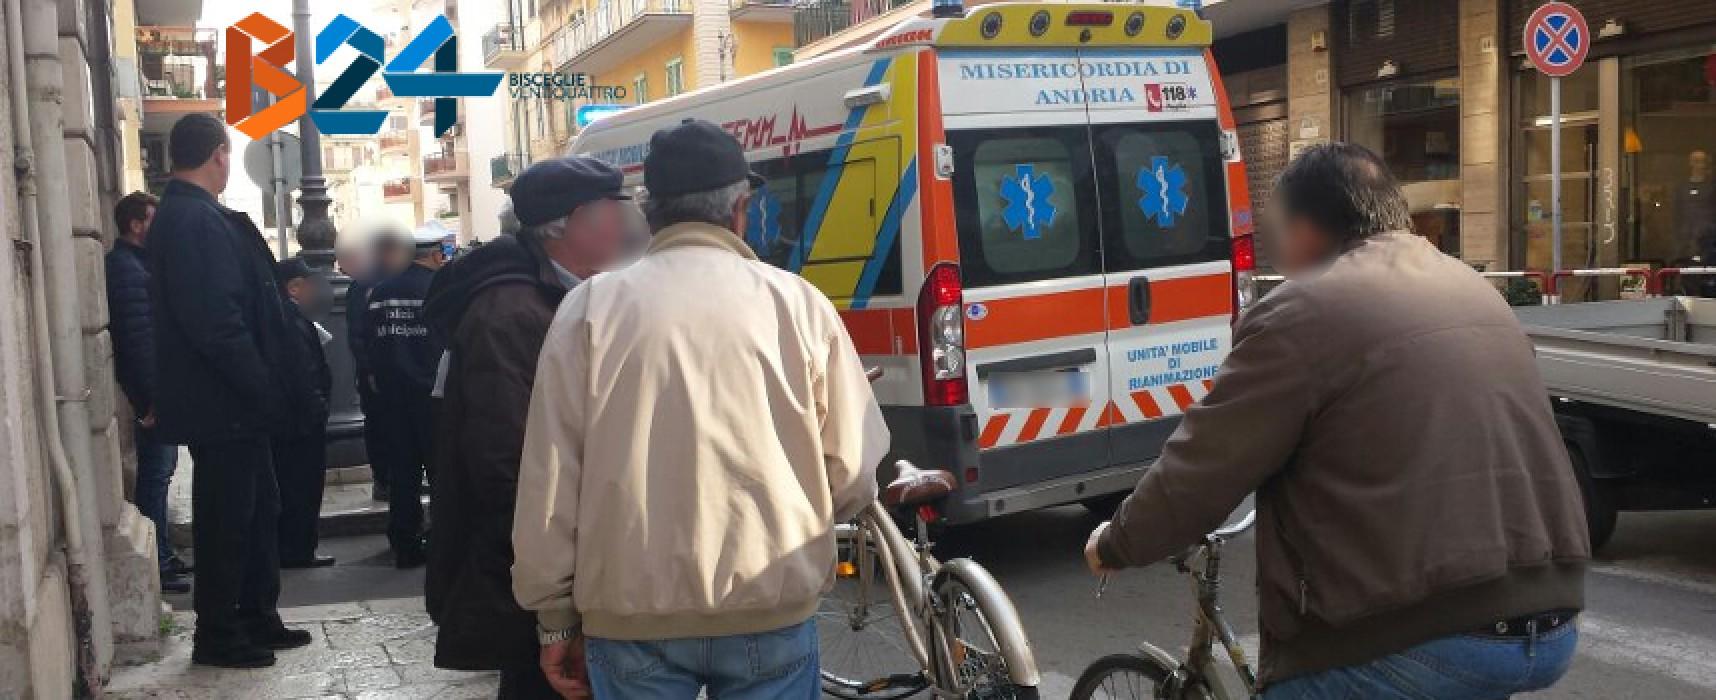 Fa retromarcia e investe uomo anziano su Via Imbriani